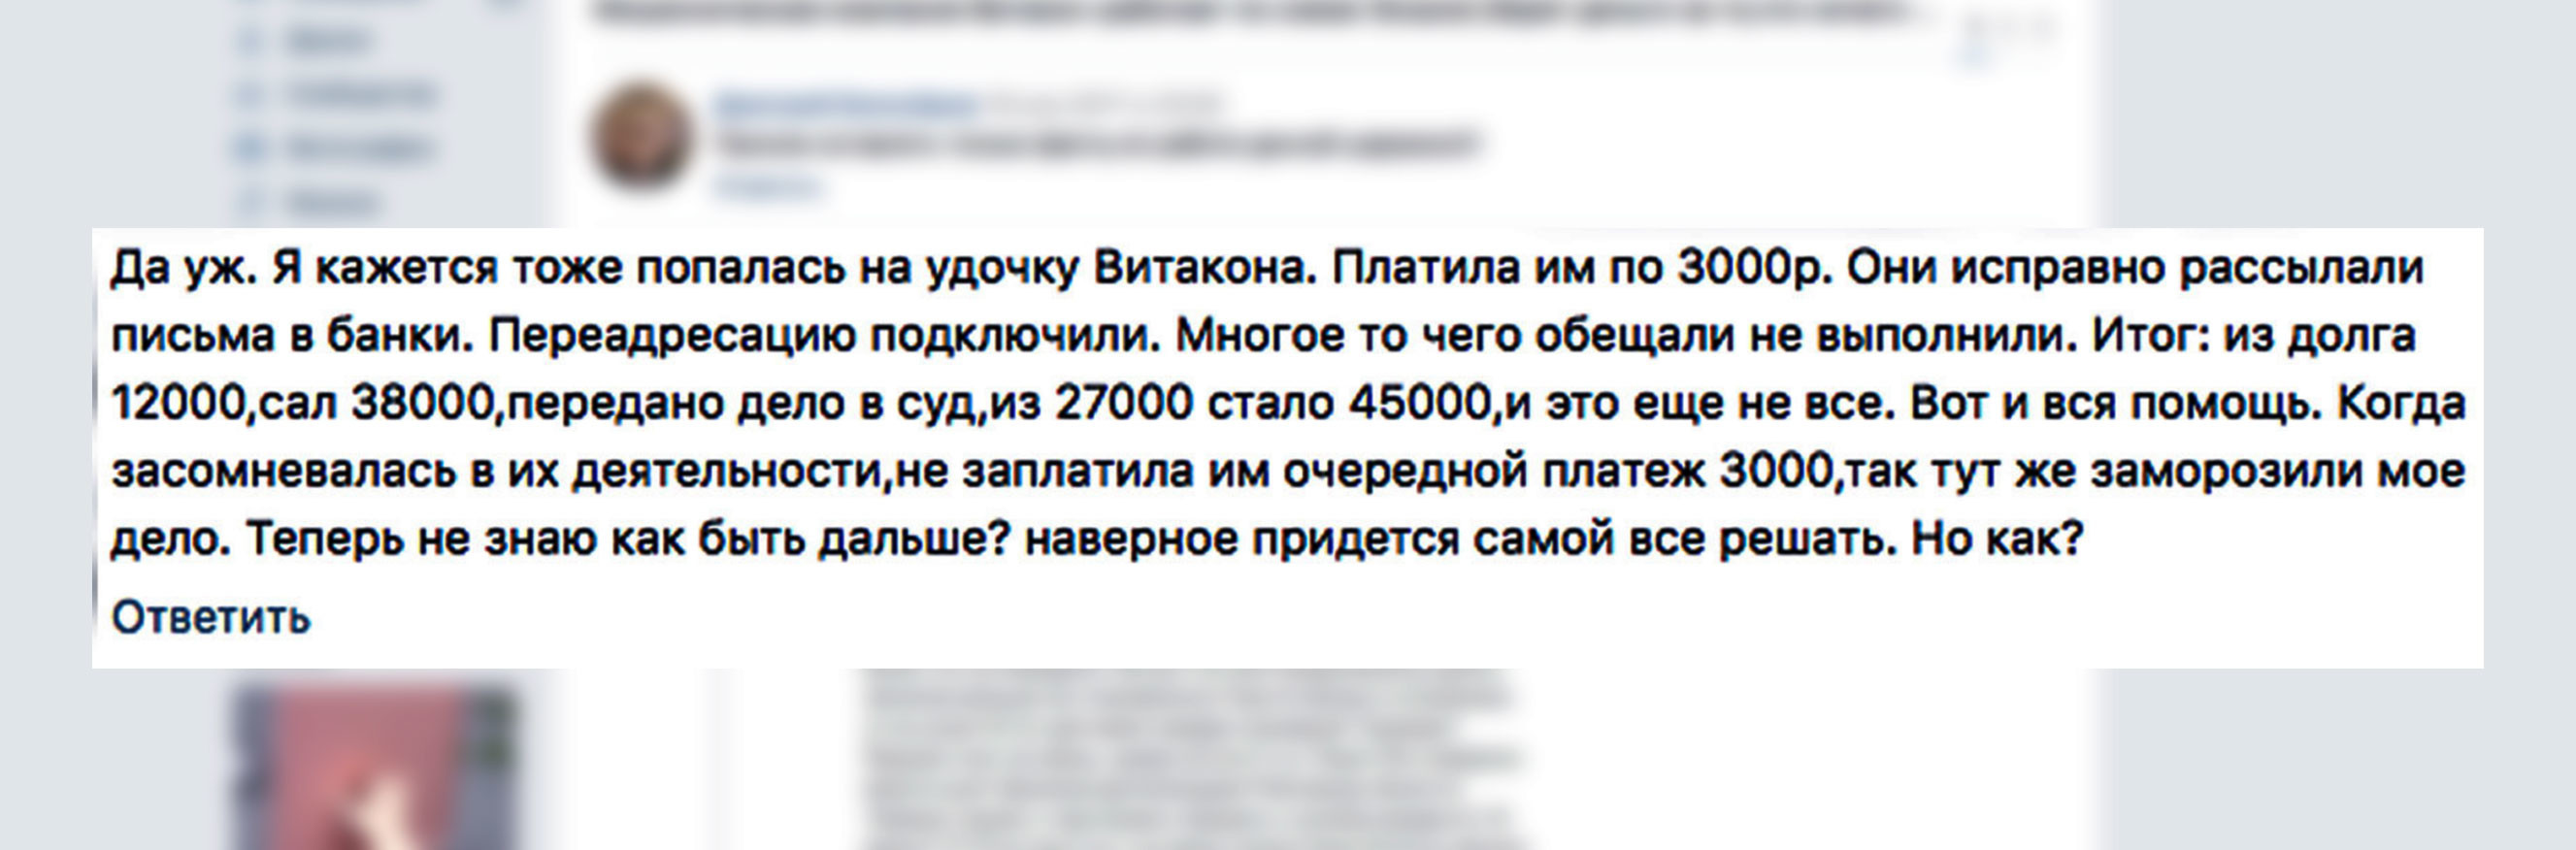 """© VK / """"Антикредитные мошенники"""""""